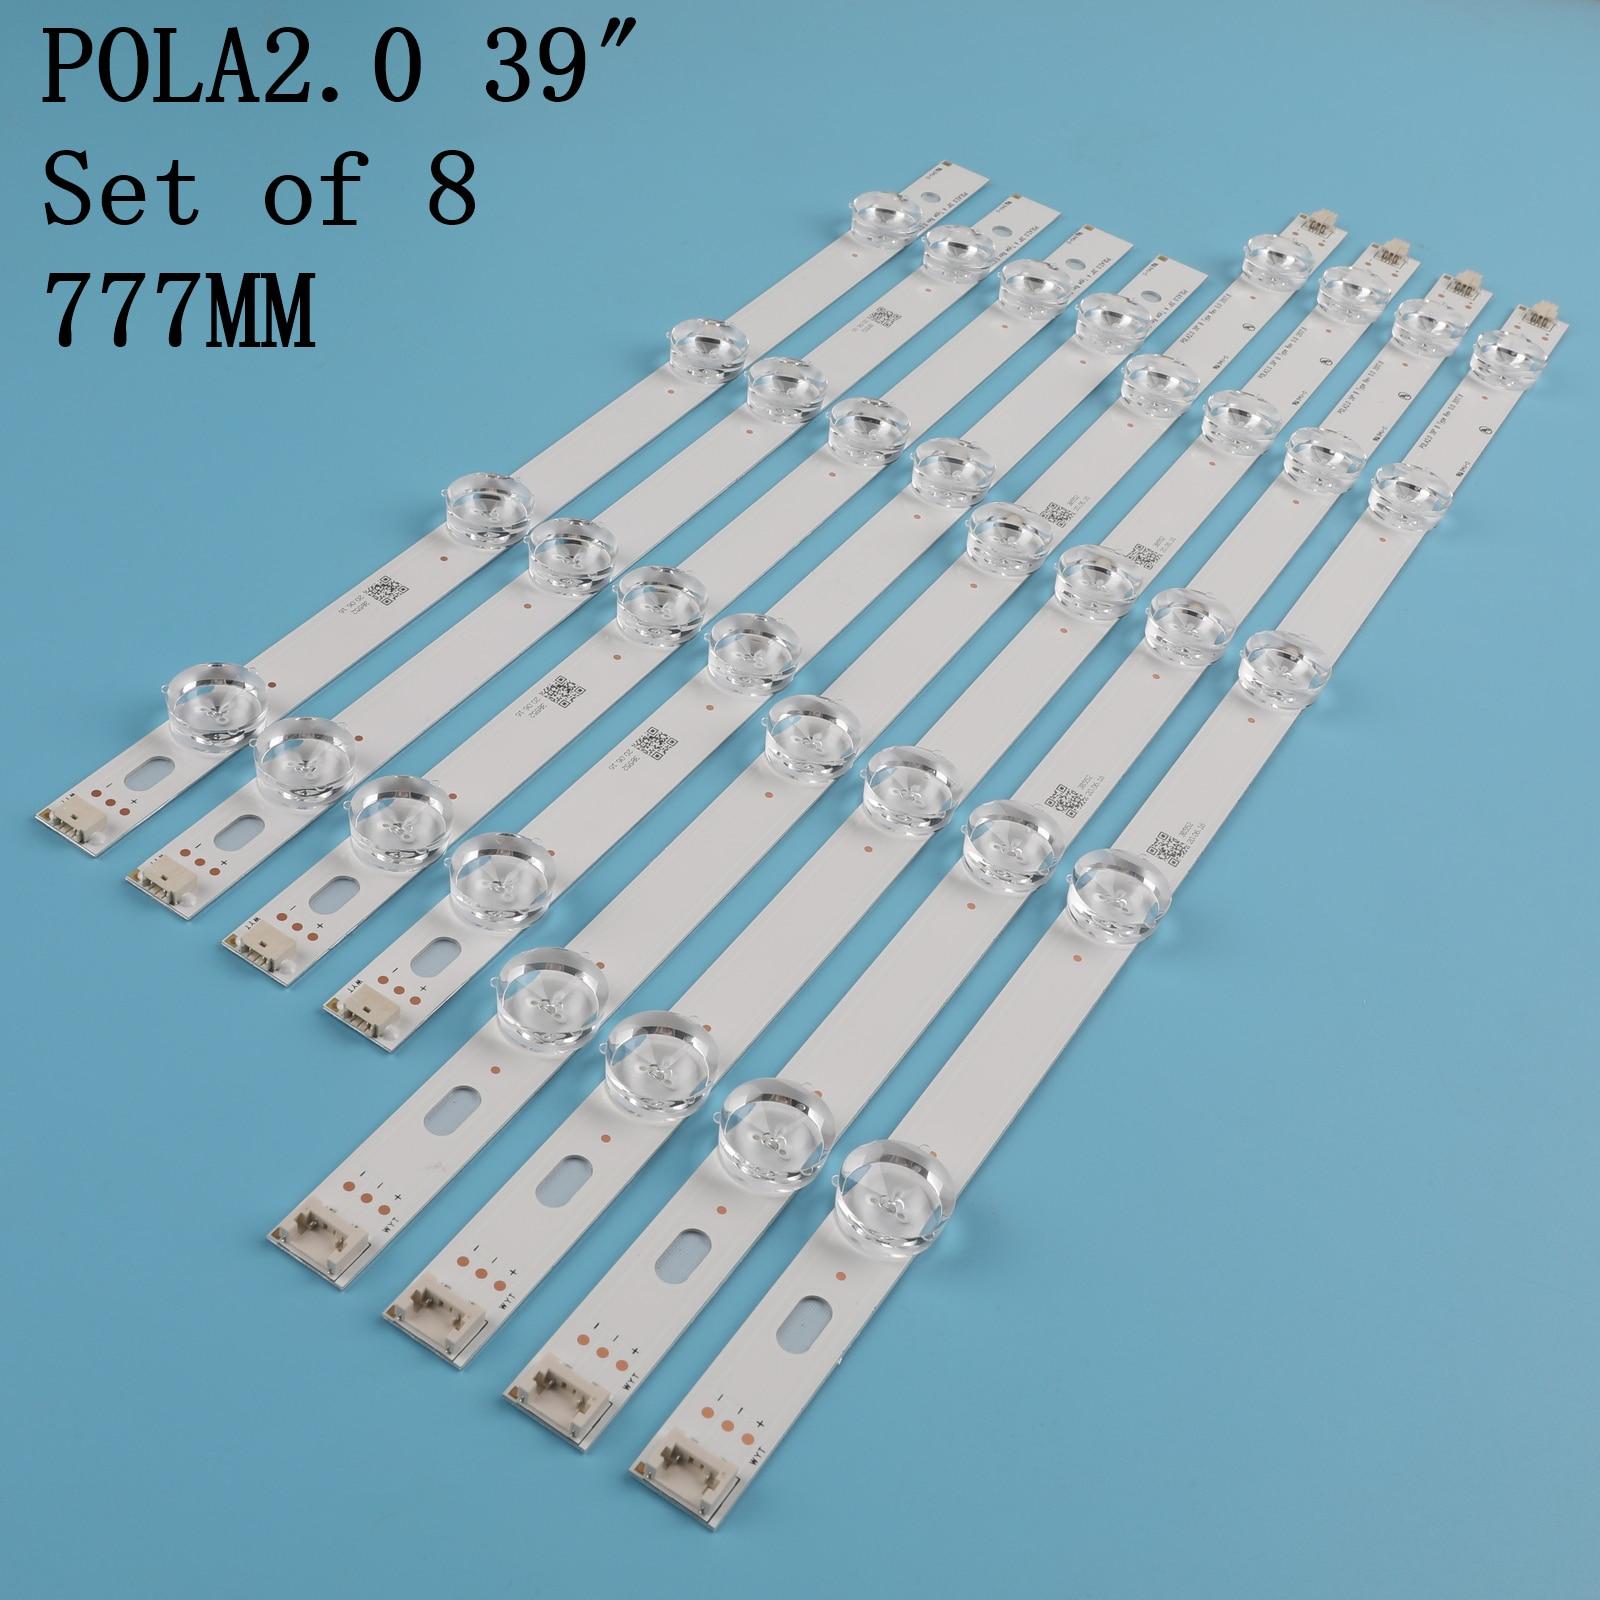 """8 pcs retroiluminação LED tira Lâmpada Para LG 39 9 """"TV LG 39LN5100 INN0TEK POLA2.0 39 39LN5300 39LA620S POLA 2.0 39LN5400 HC390DUN-VCFP1"""